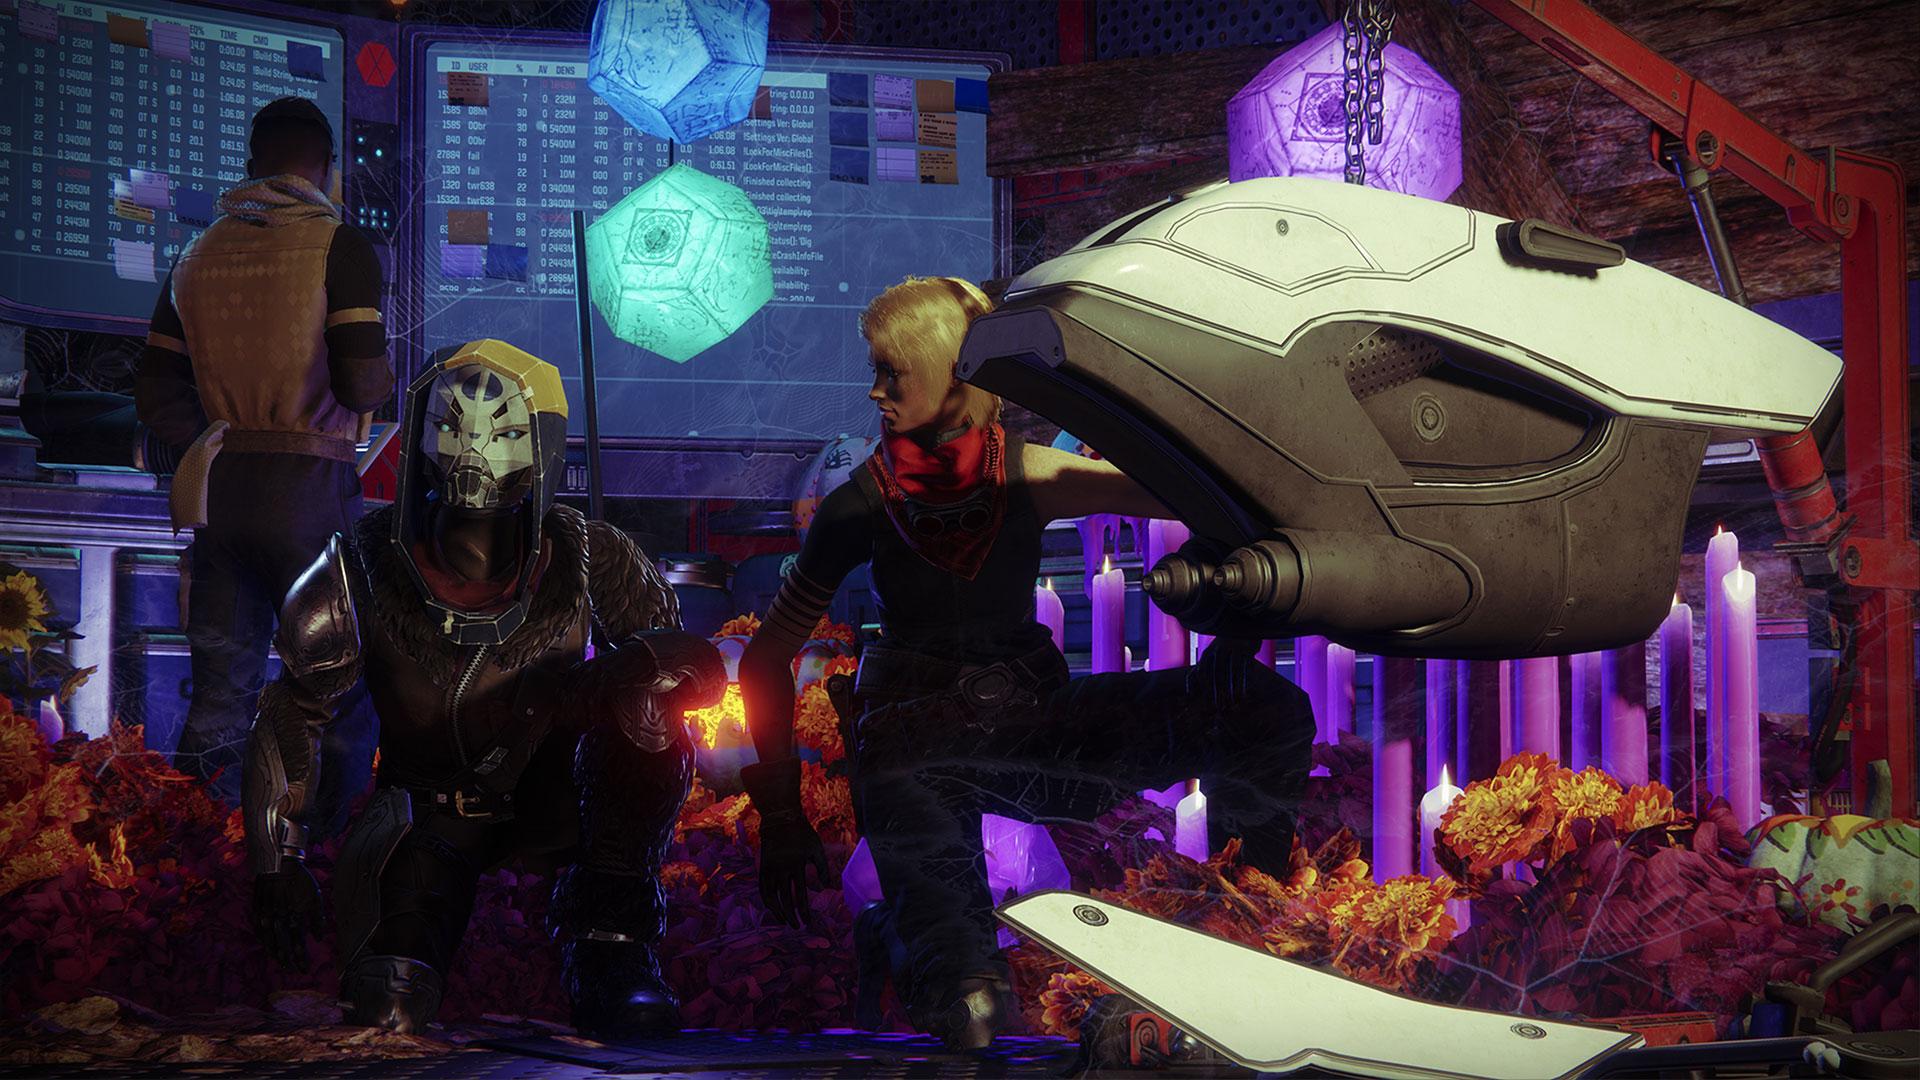 """С 6 октября по 3 ноября в Destiny 2 пройдет """"Фестиваль усопших"""""""